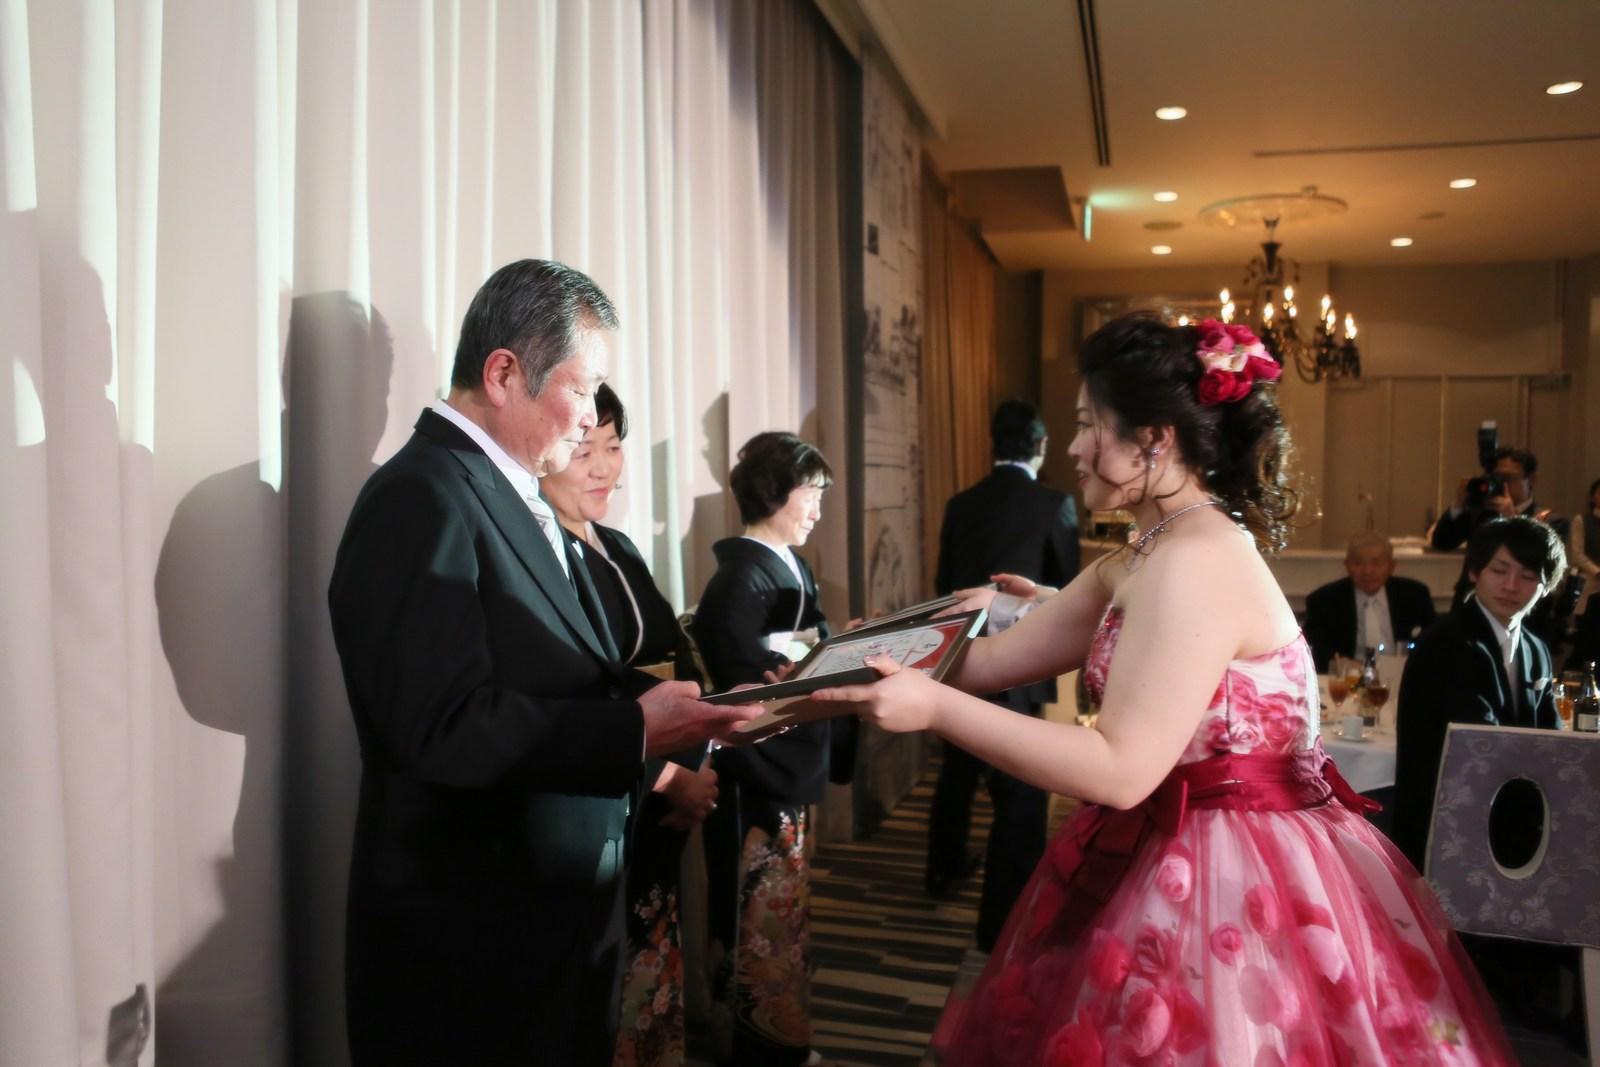 徳島市の結婚式場ブランアンジュの披露宴会場で親御様に感謝の気持ちがこもったプレゼントを渡す新郎新婦